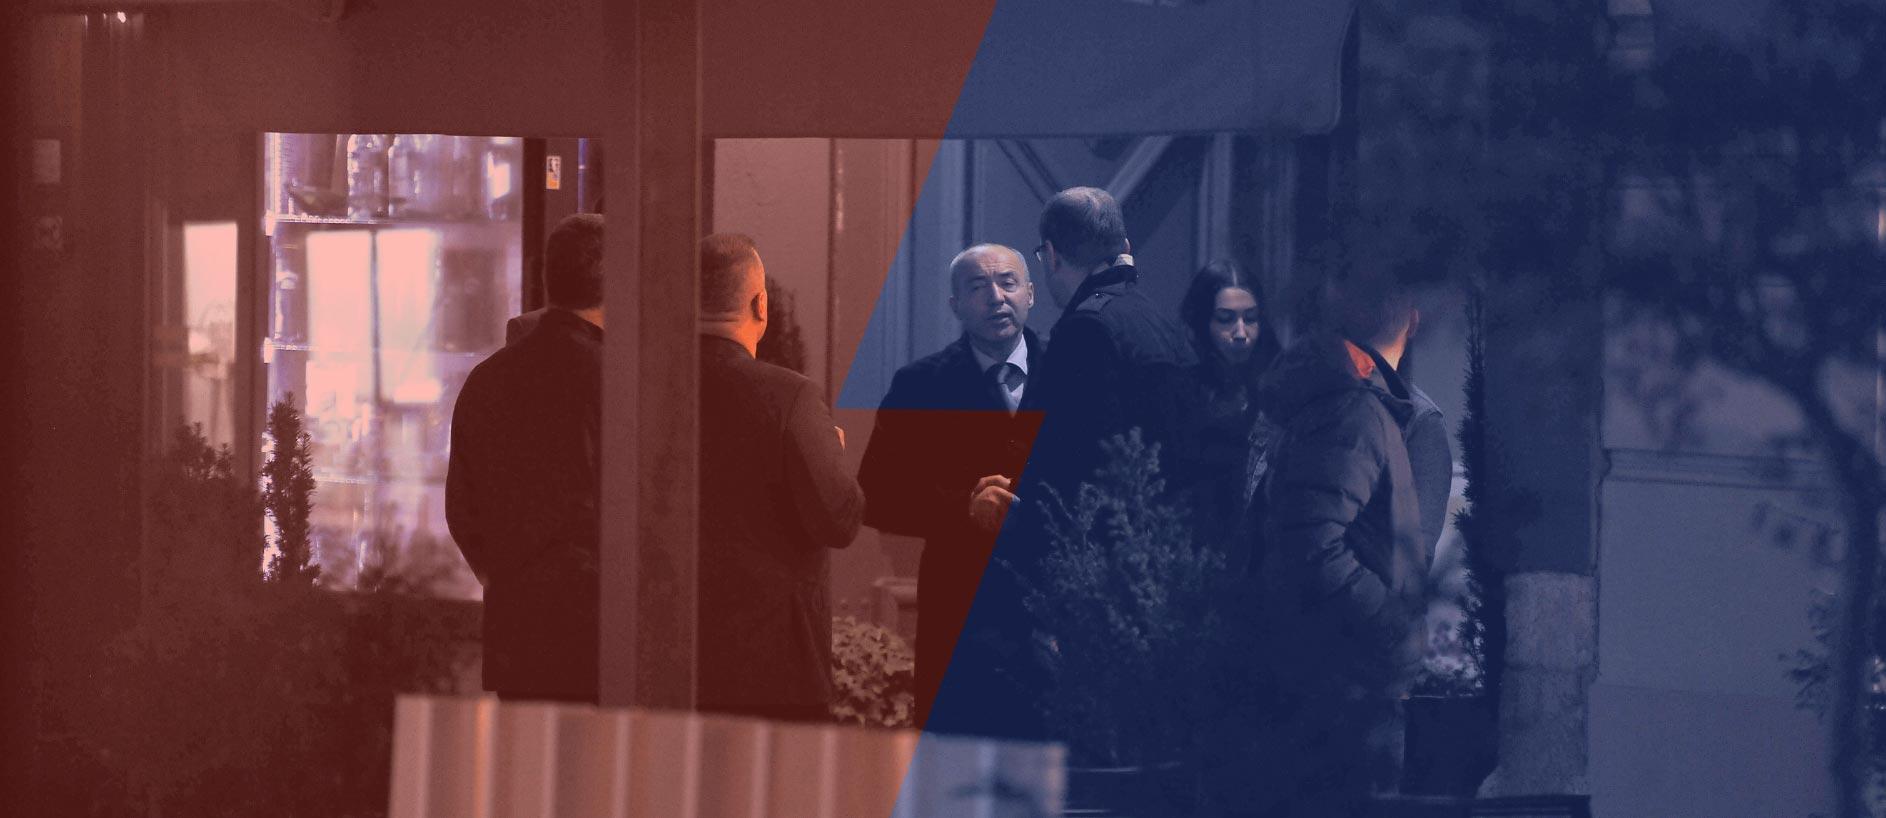 EKSKLUZIVNO: HDZ-ovi generali na sastanku sa šefom HEP-a i kraljem vjetroelektrana uoči sklapanja posla vrijednog skoro 100 mil. eura